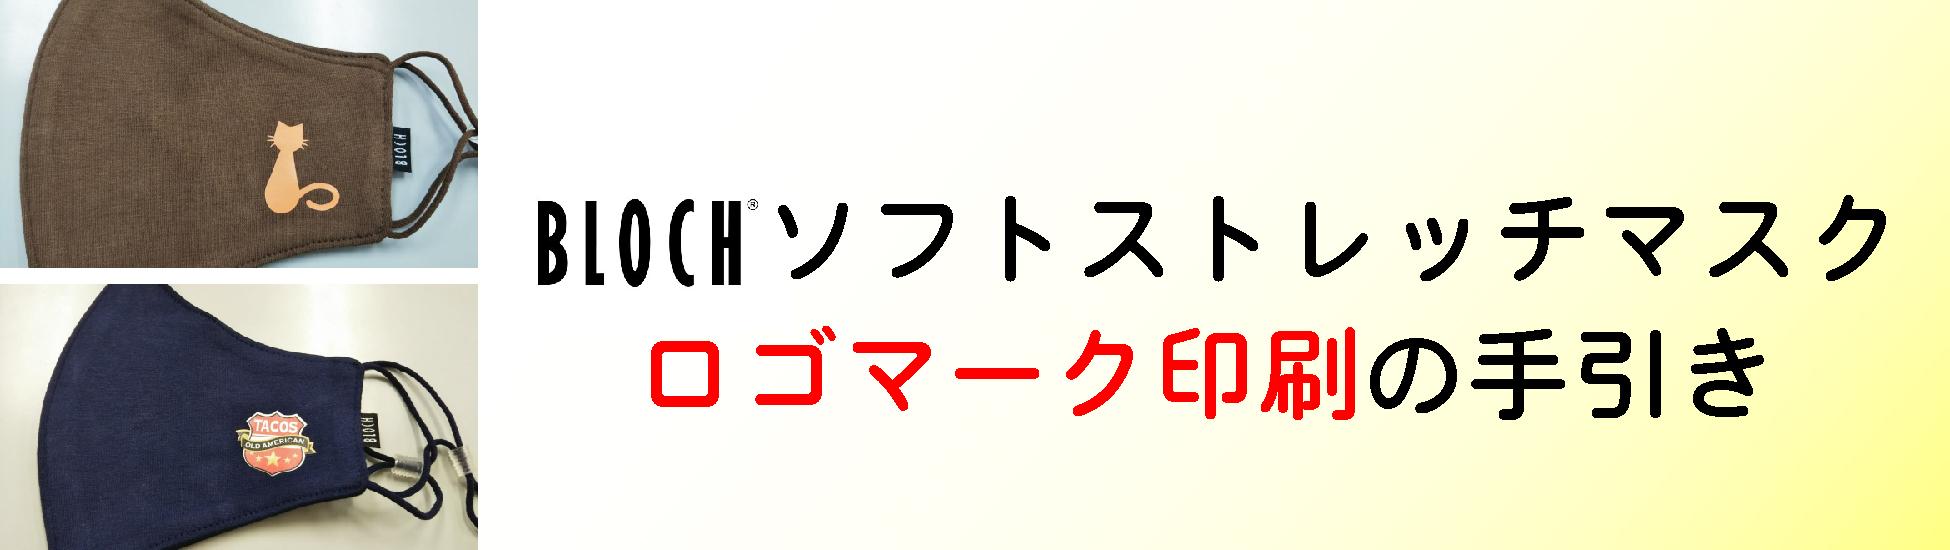 BLOCHソフトストレッチマスク~ロゴマーク印刷の手引き